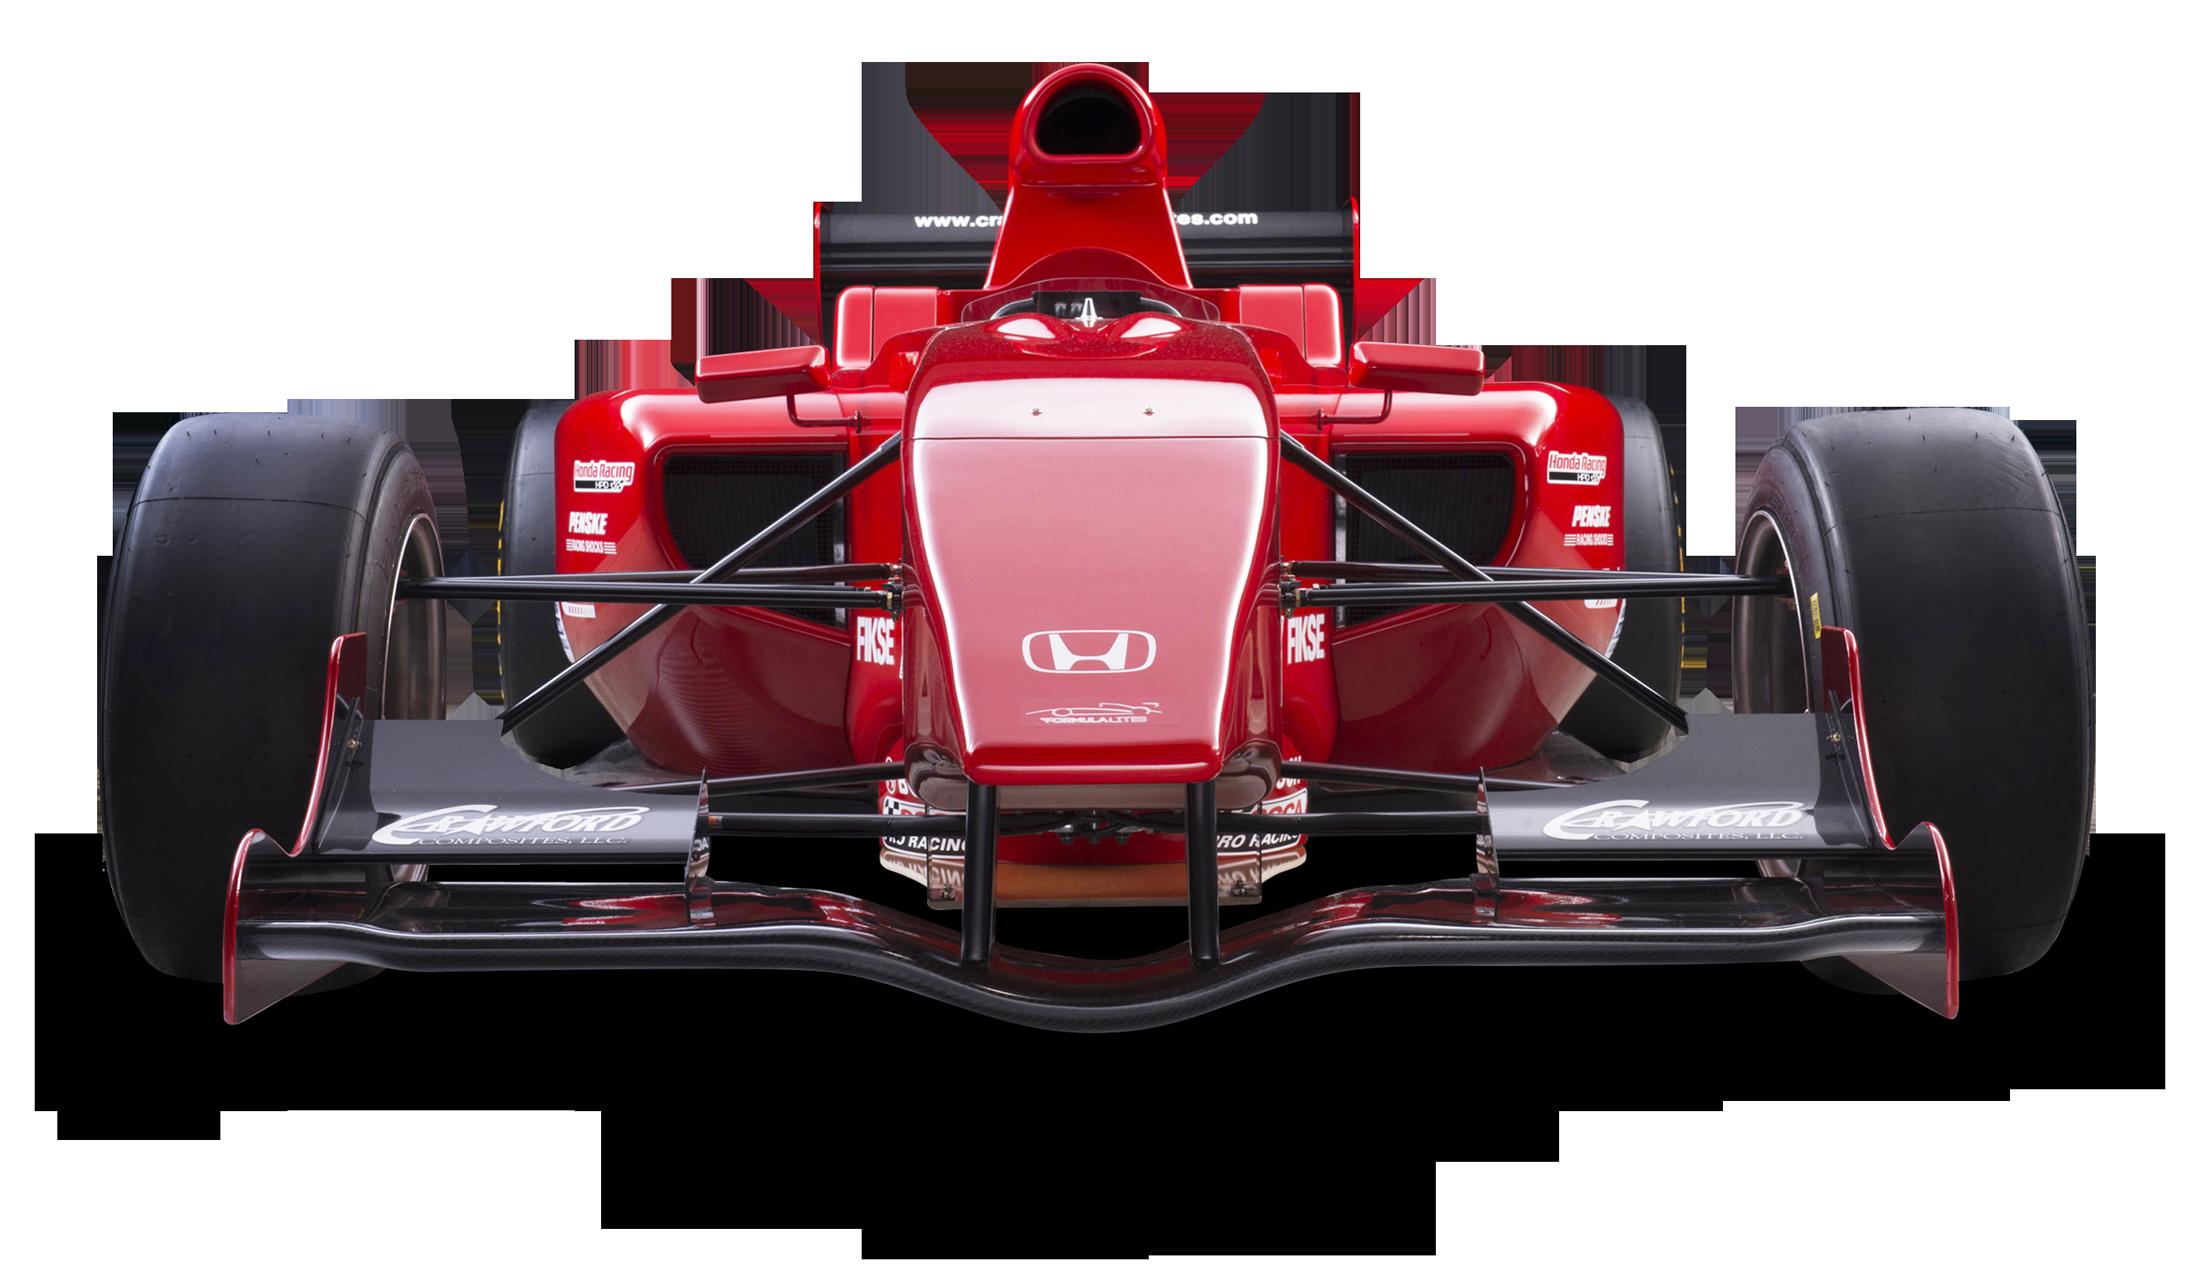 Red Honda Formula Lite Car PNG Image